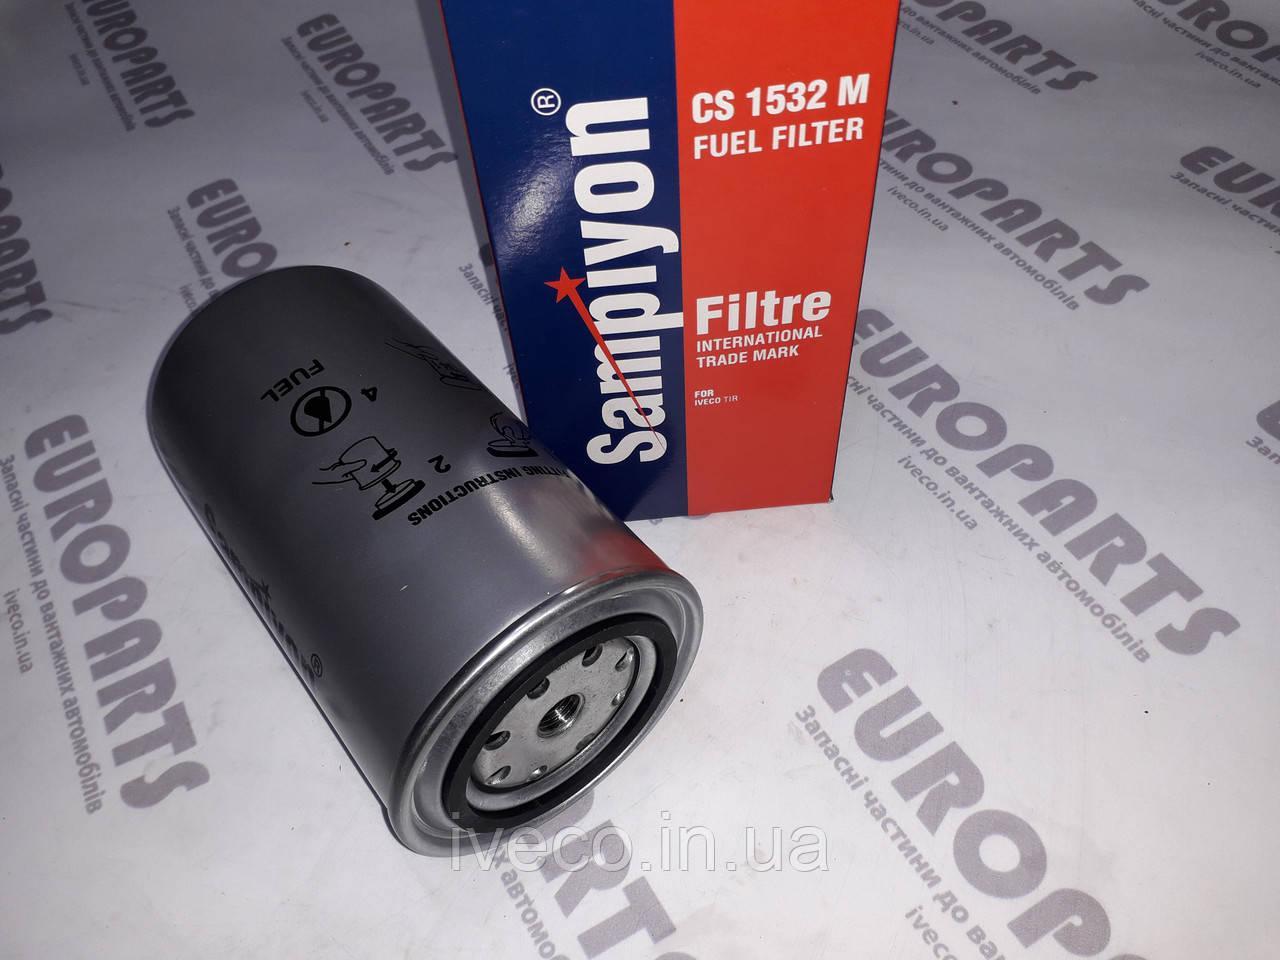 Фильтр топливный Iveco Eurocargo Eurostar Eurotech Ивеко 1908547 1907539 1930992 1931061 500038754  KC186